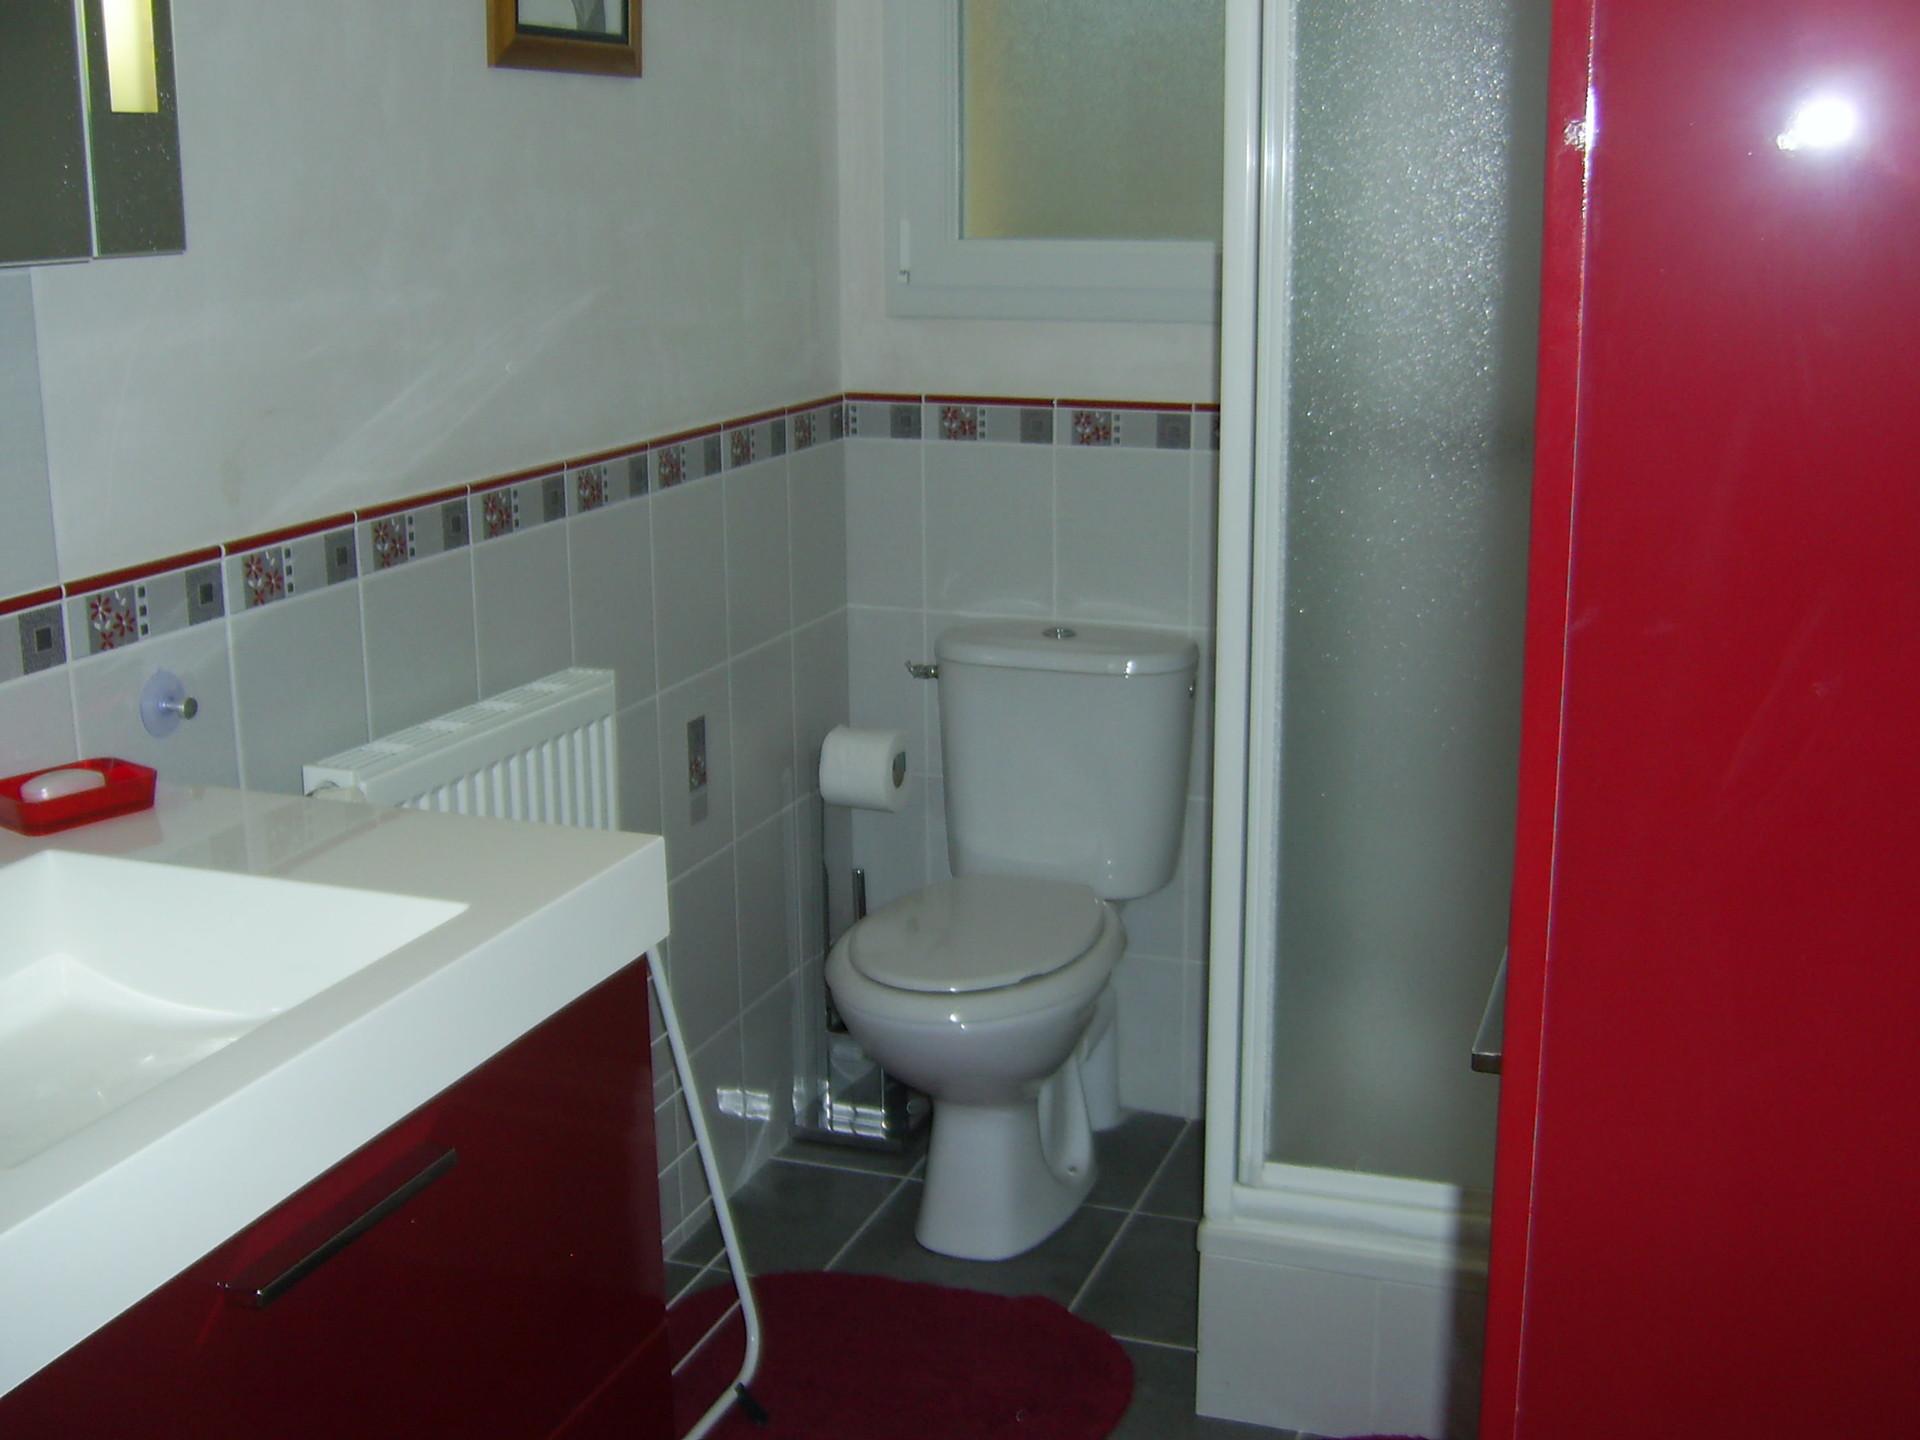 chez particulier chambre tout confort avec salle d 39 eau et wc priv s r sidences universitaires. Black Bedroom Furniture Sets. Home Design Ideas